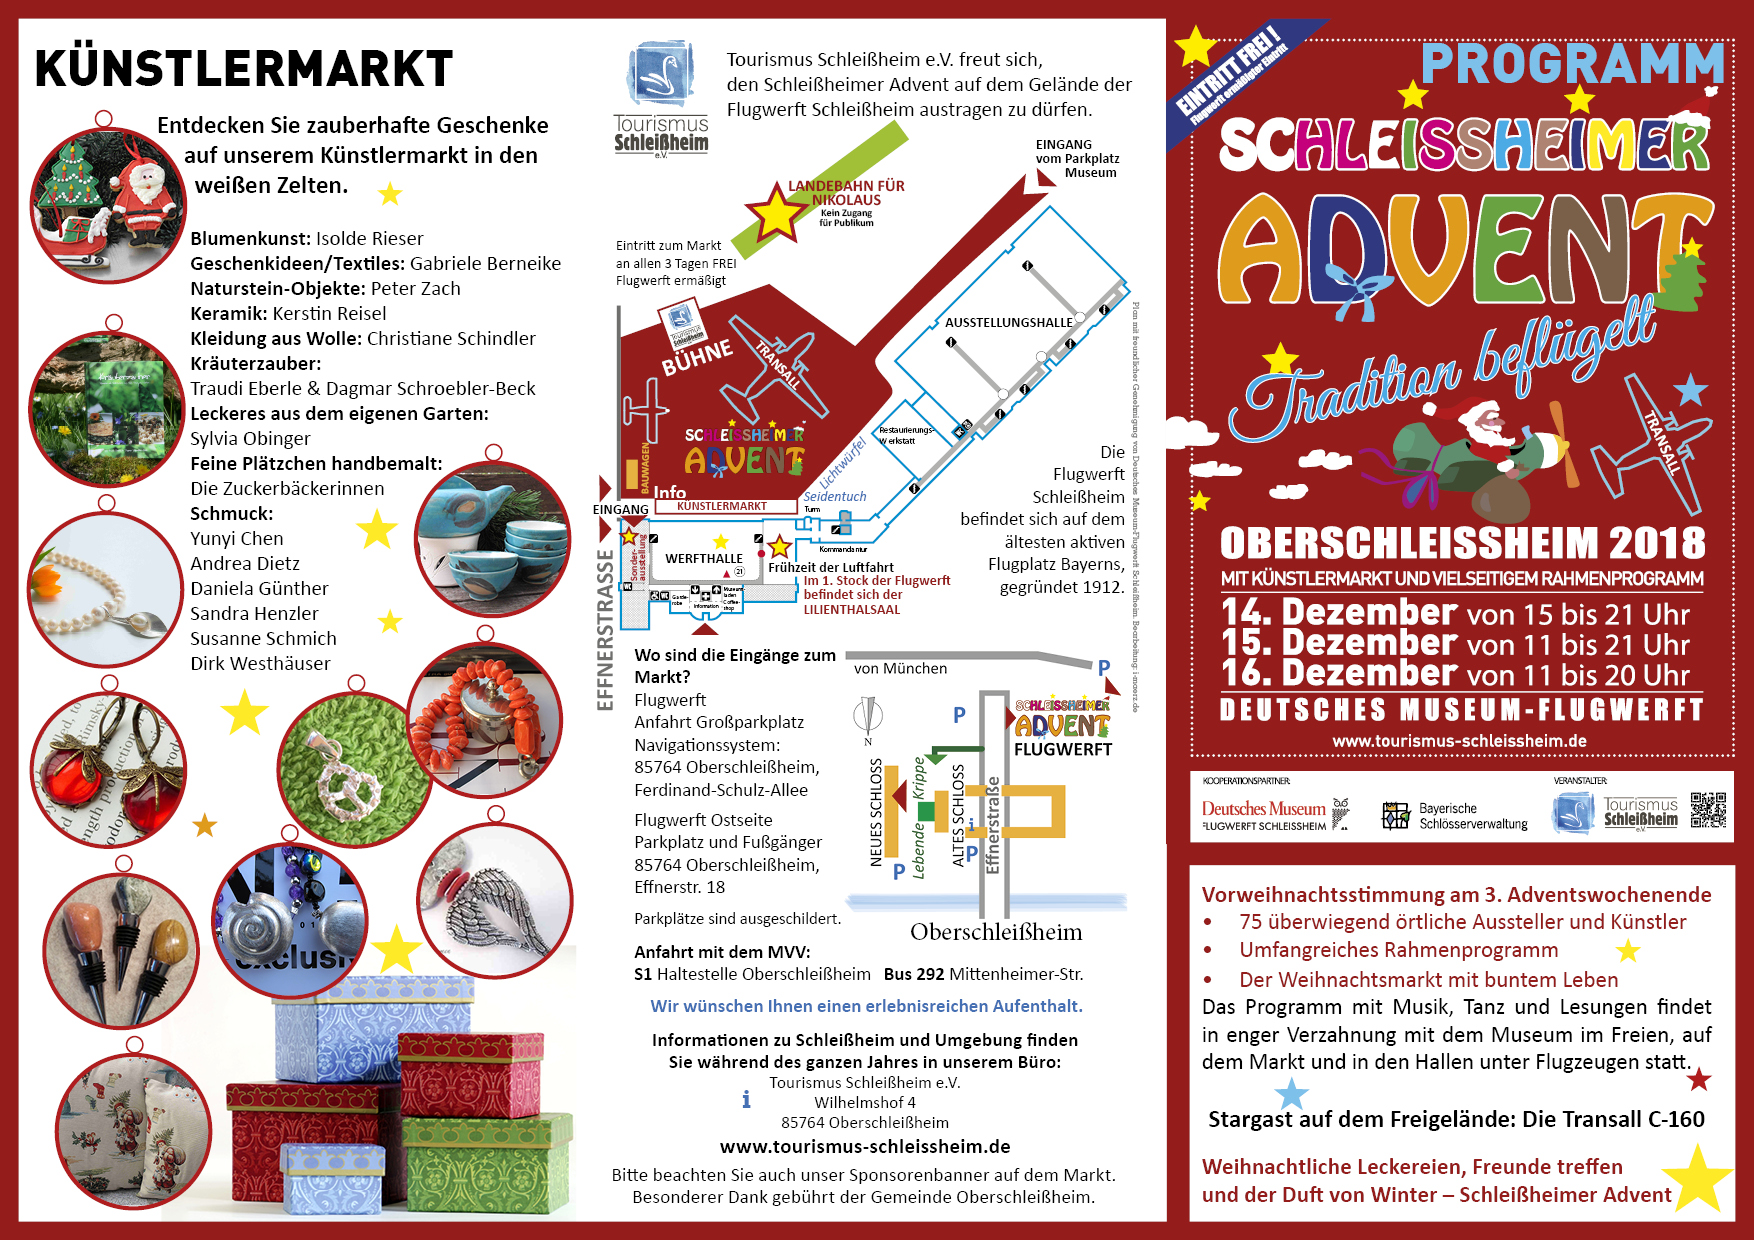 Schleißheimer Advent 2018. Programm.Weihnachtsmarkt organisiert von Tourismus Schleissheim e.V. Auf dem Gelände der Flugwerft Schleissheim jeweils am 3. Adventswochenende. Plakatmotiv und Logos wurden gestellt.